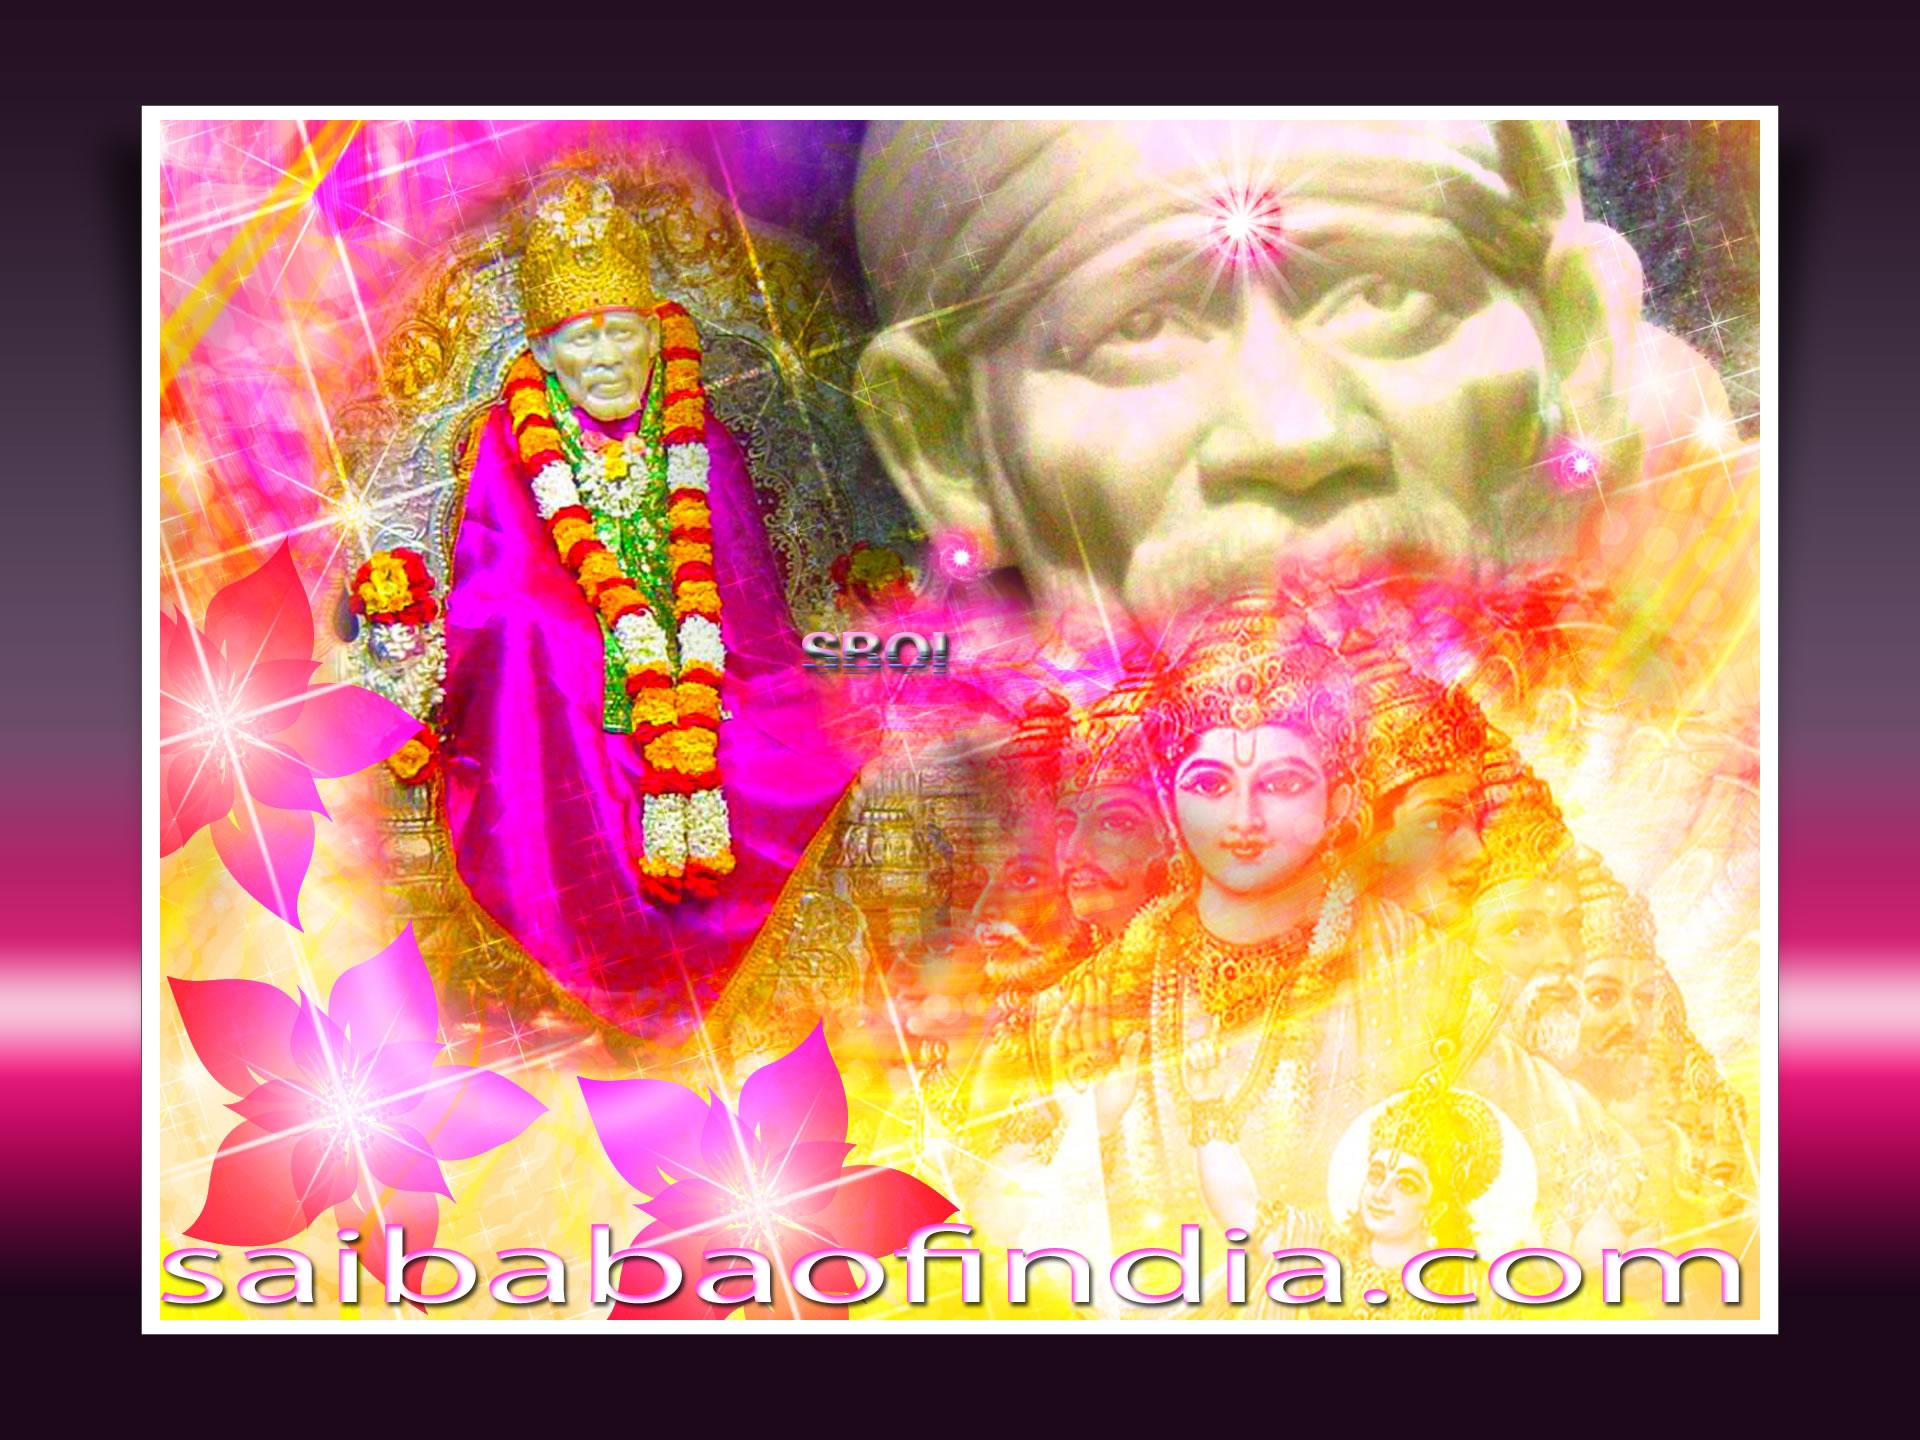 shirdi sai baba exclusive wallpapers - free download- desktop